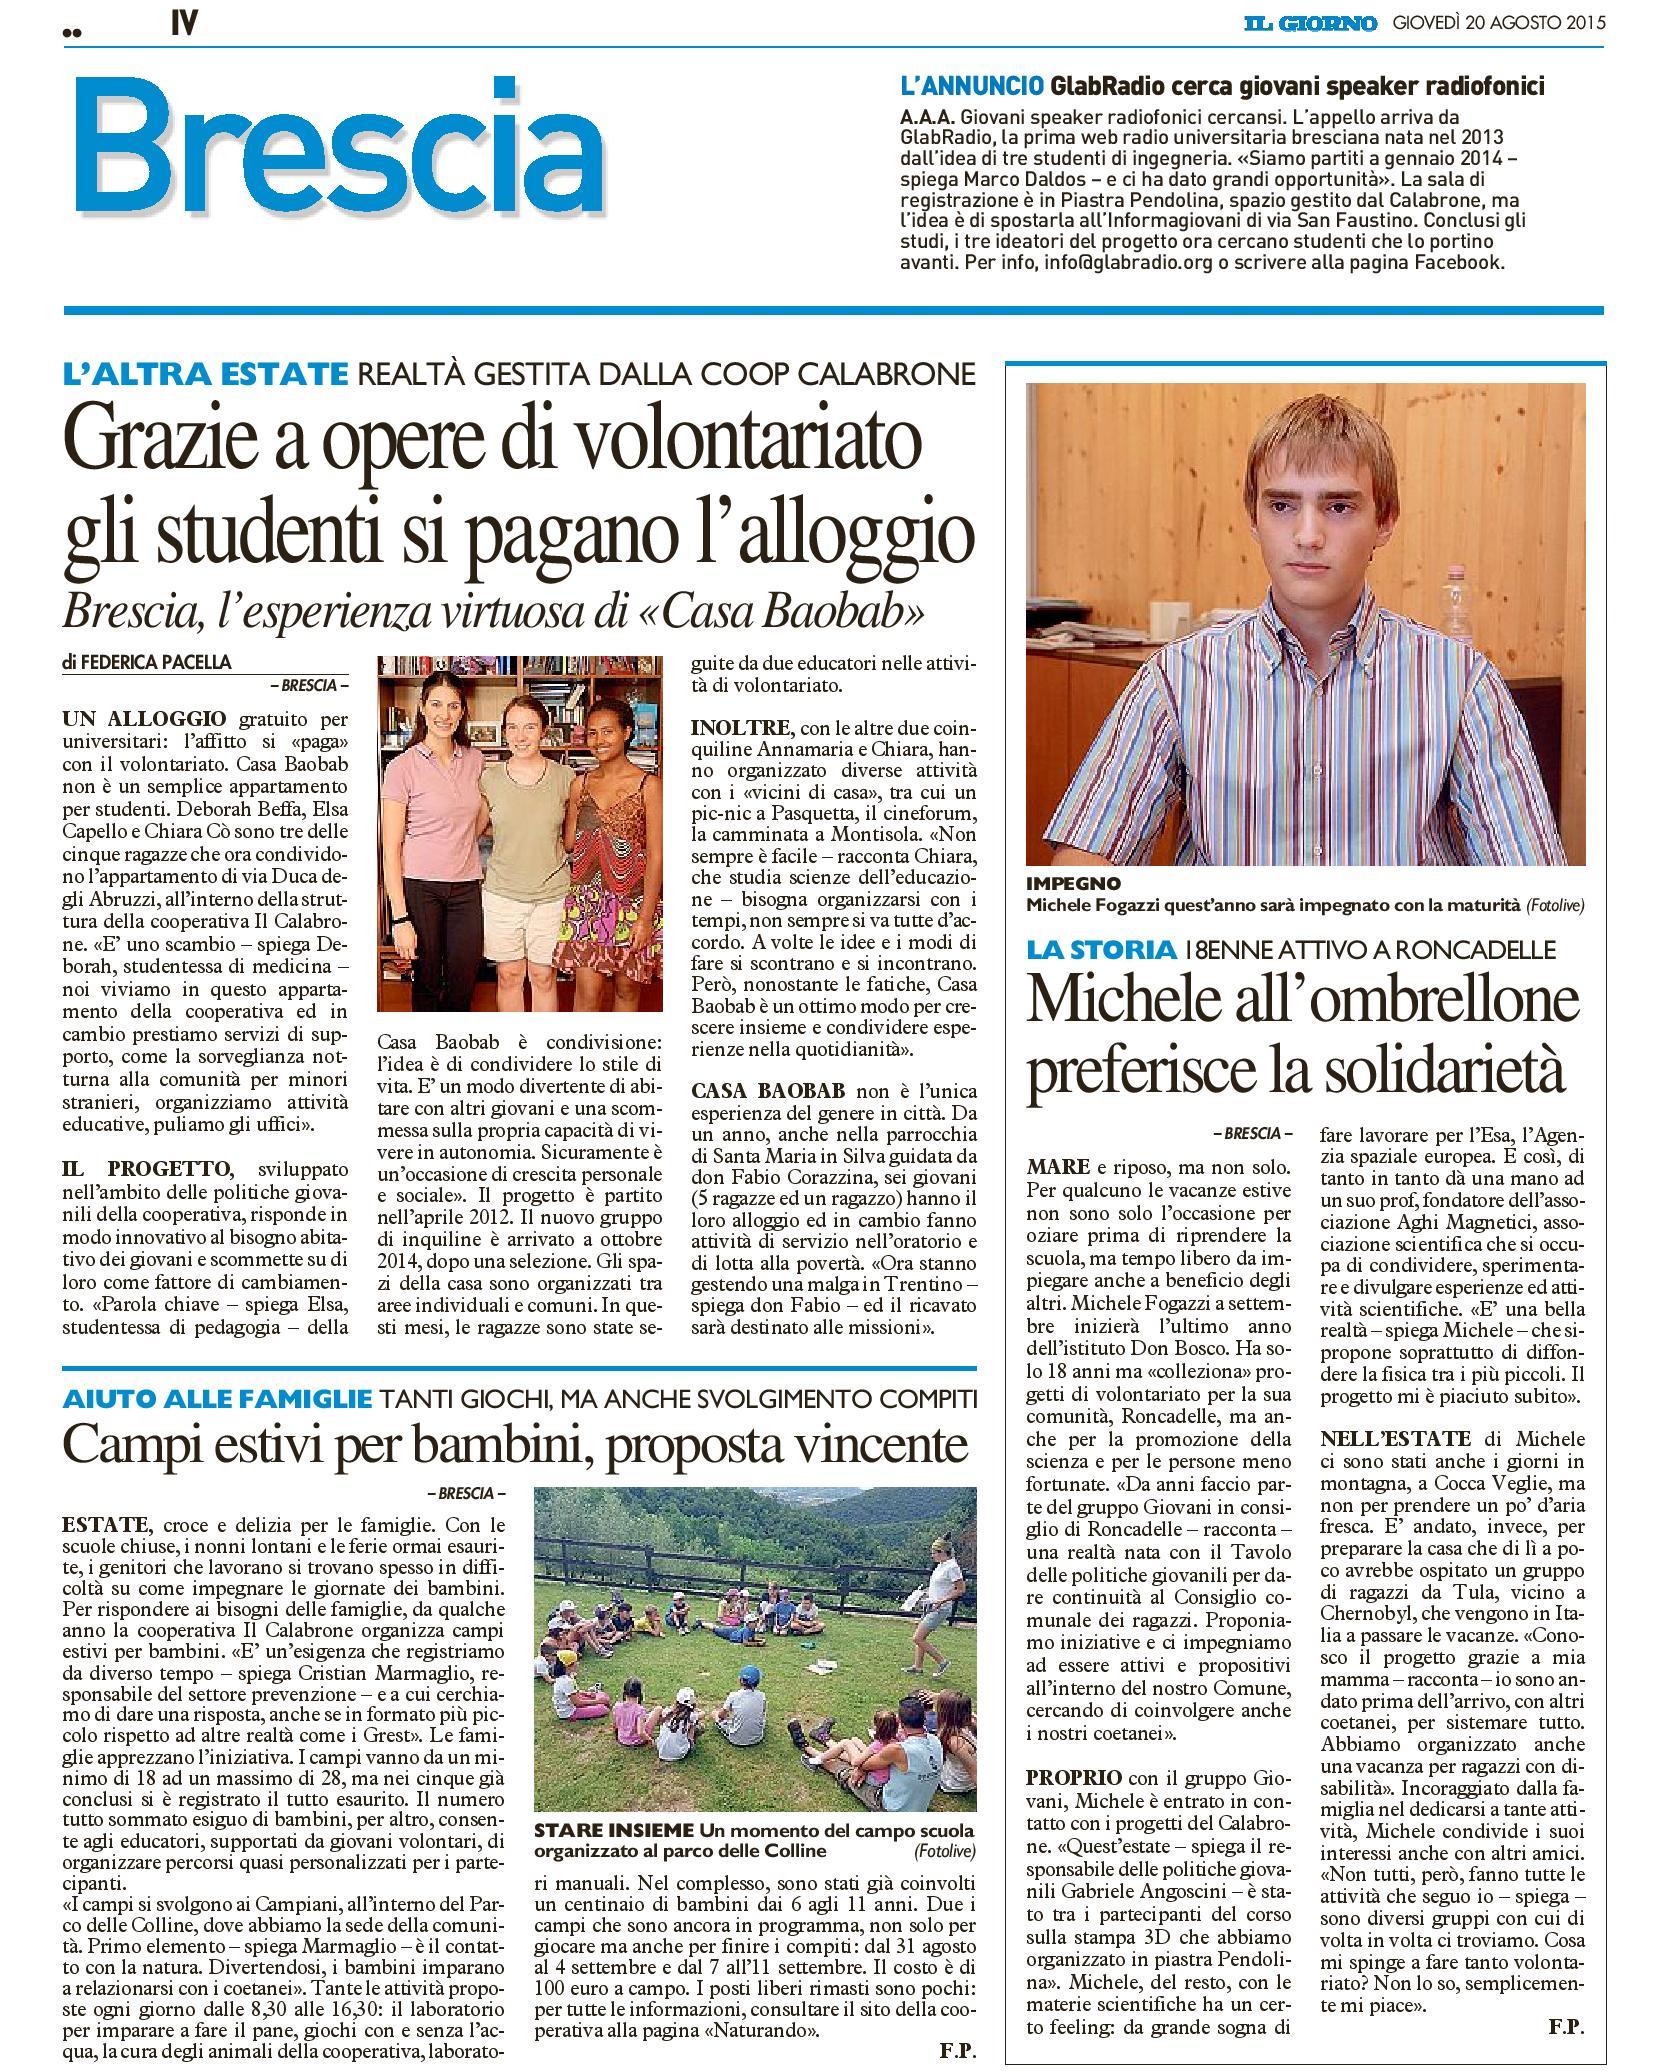 Estate con il Calabrone 2015-page-001